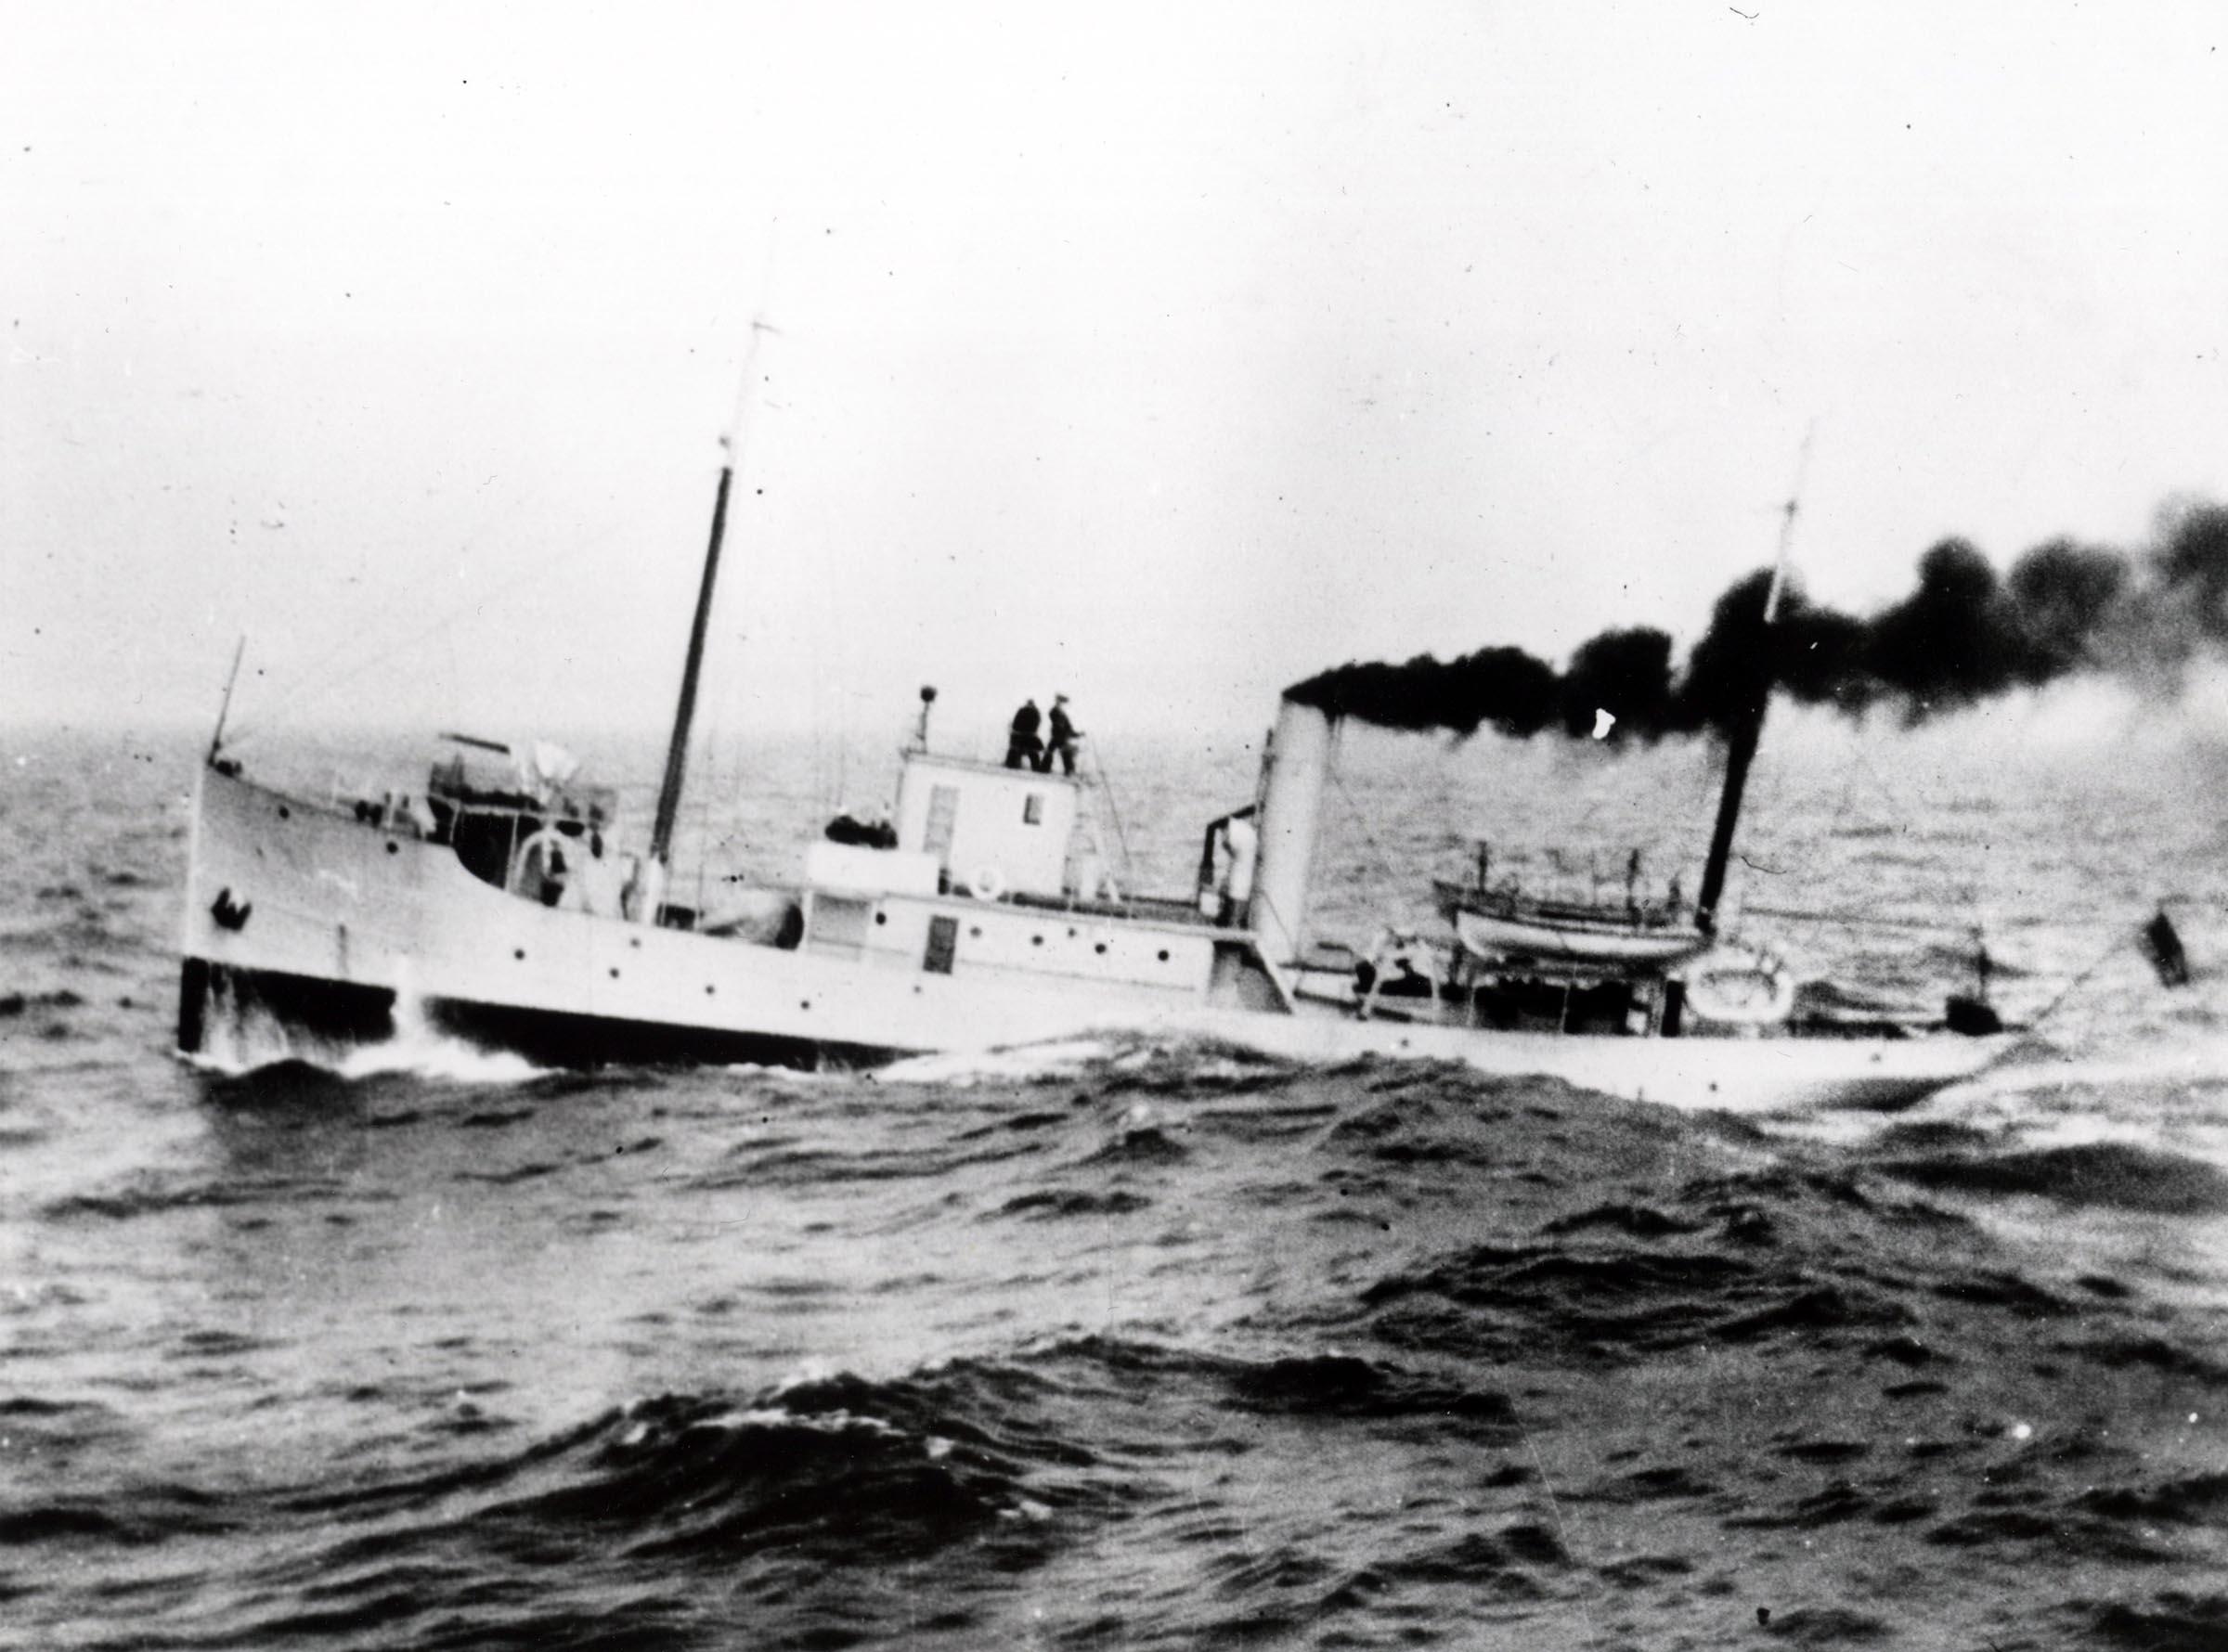 HMCS FESTUBERT